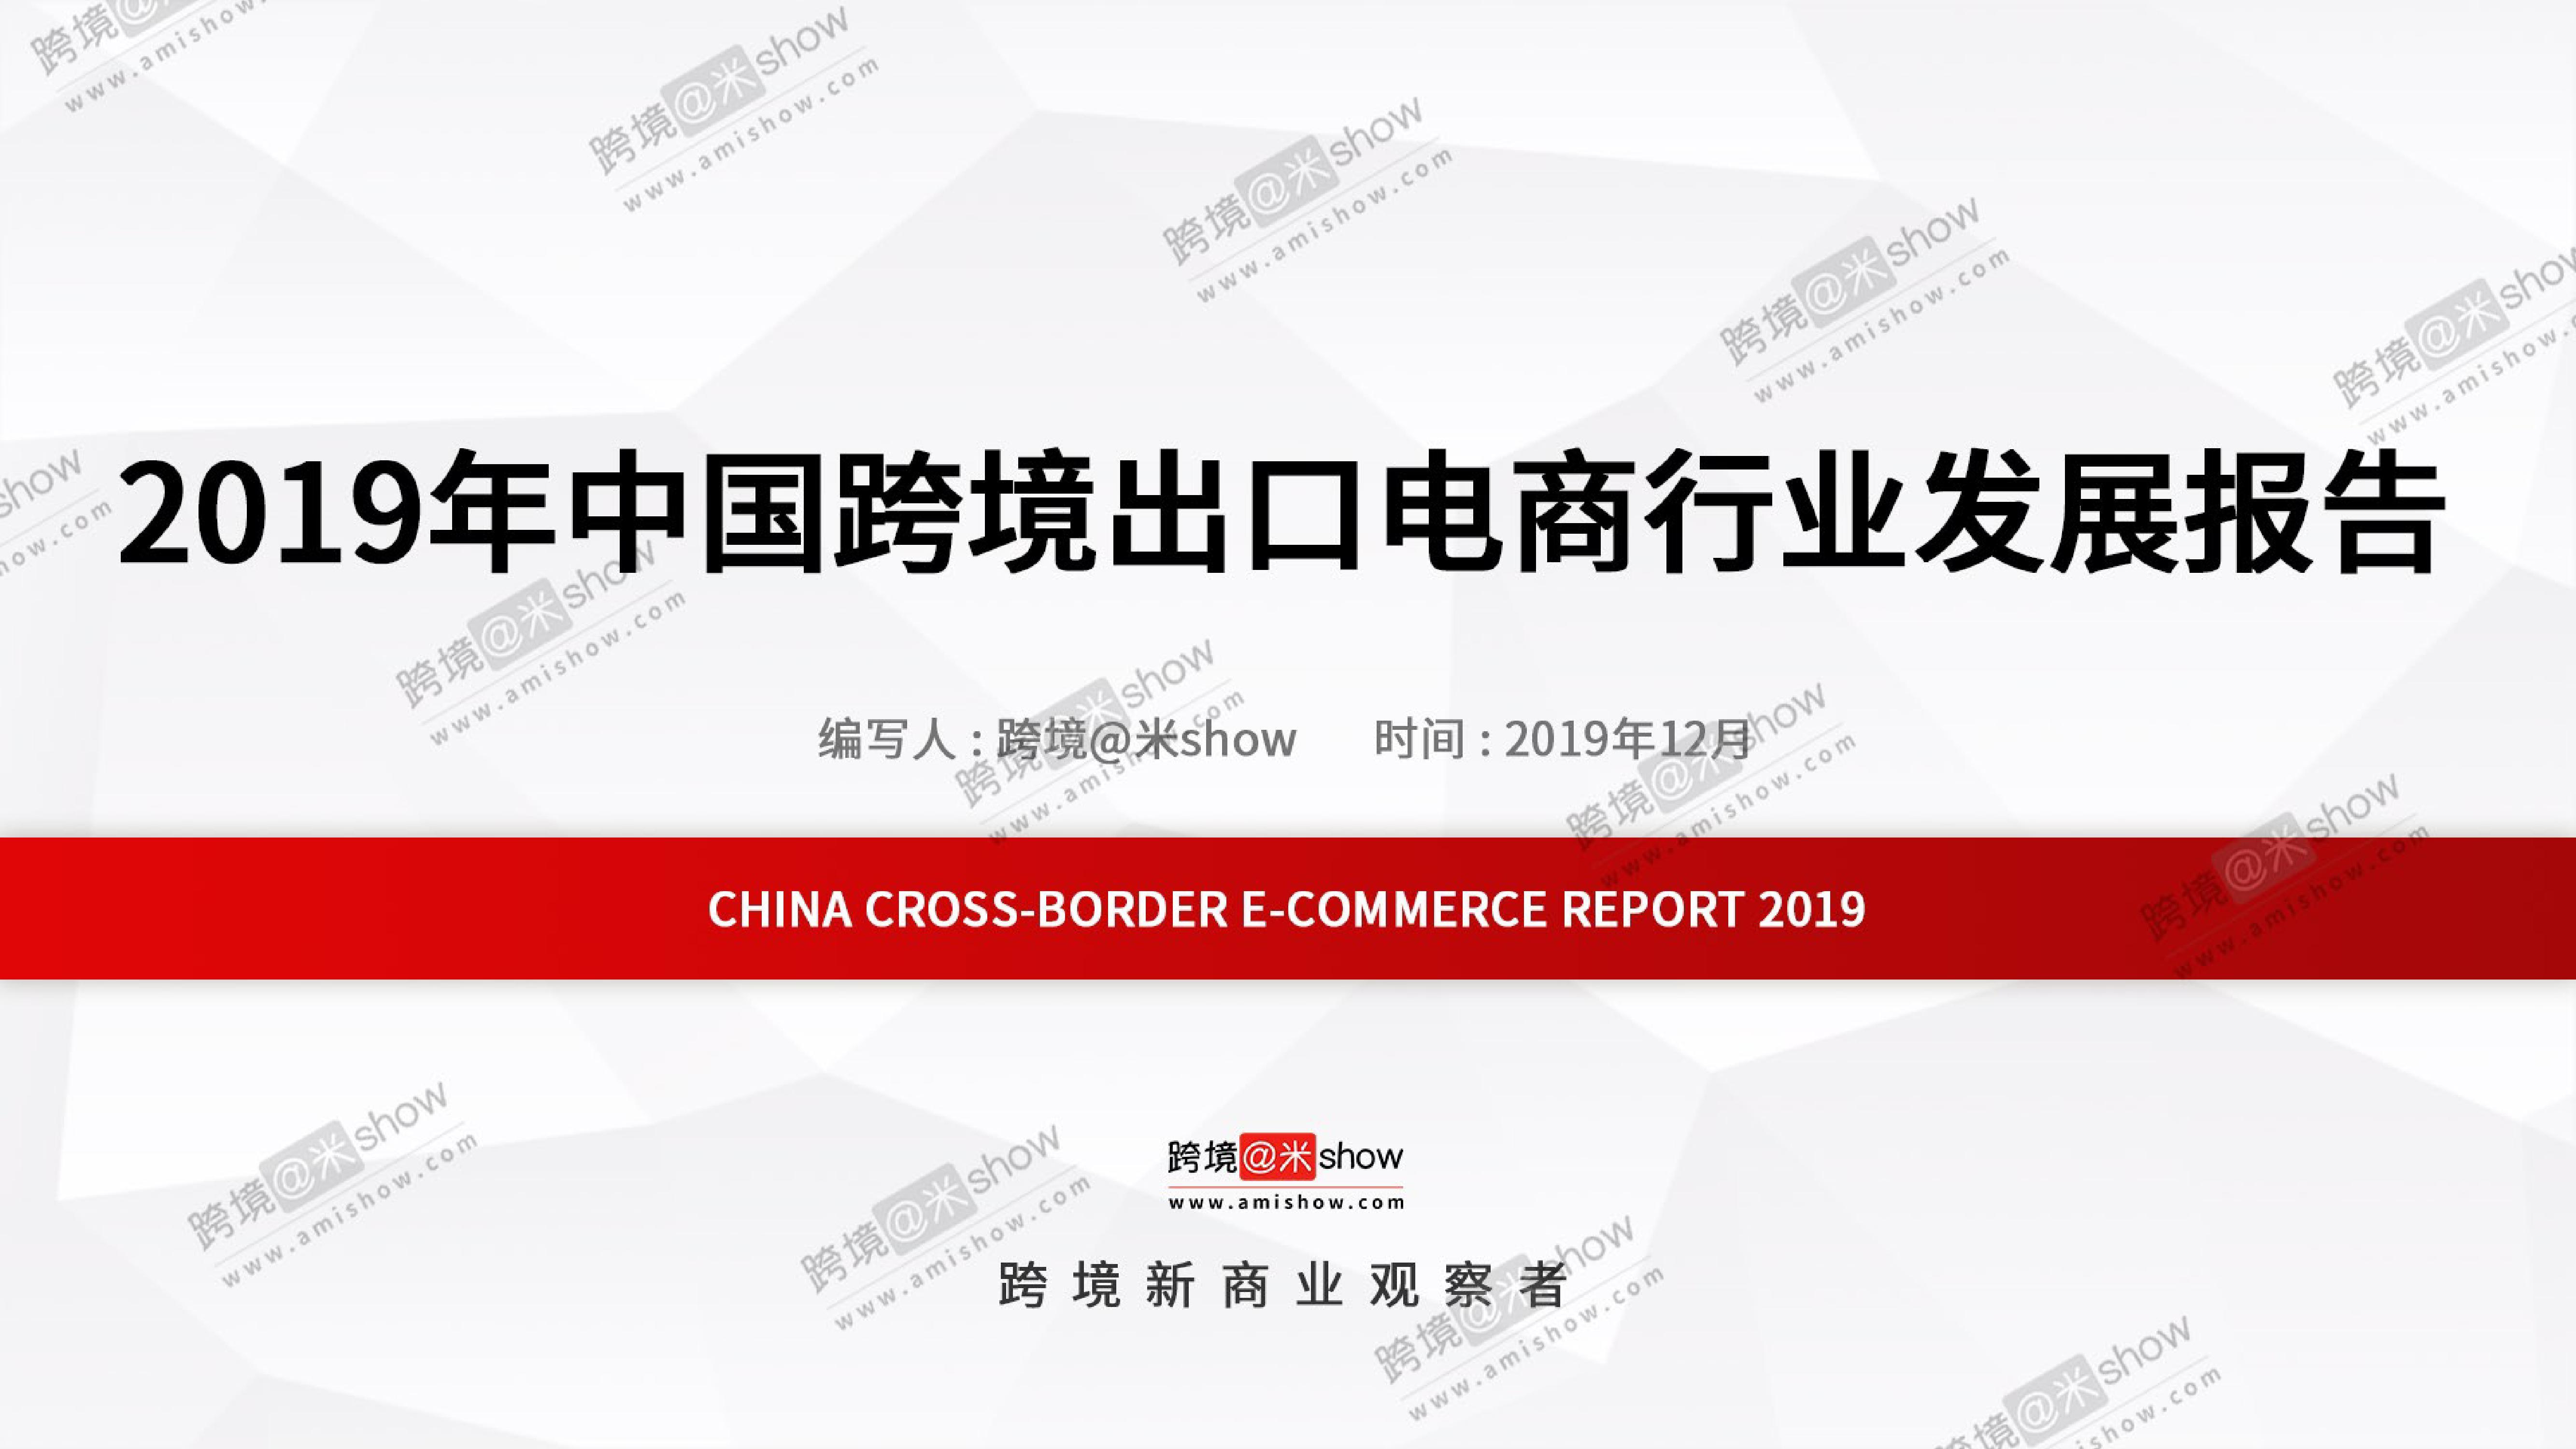 跨境阿米SHOW:2019年中国跨境出口电商行业发展报告(附下载)